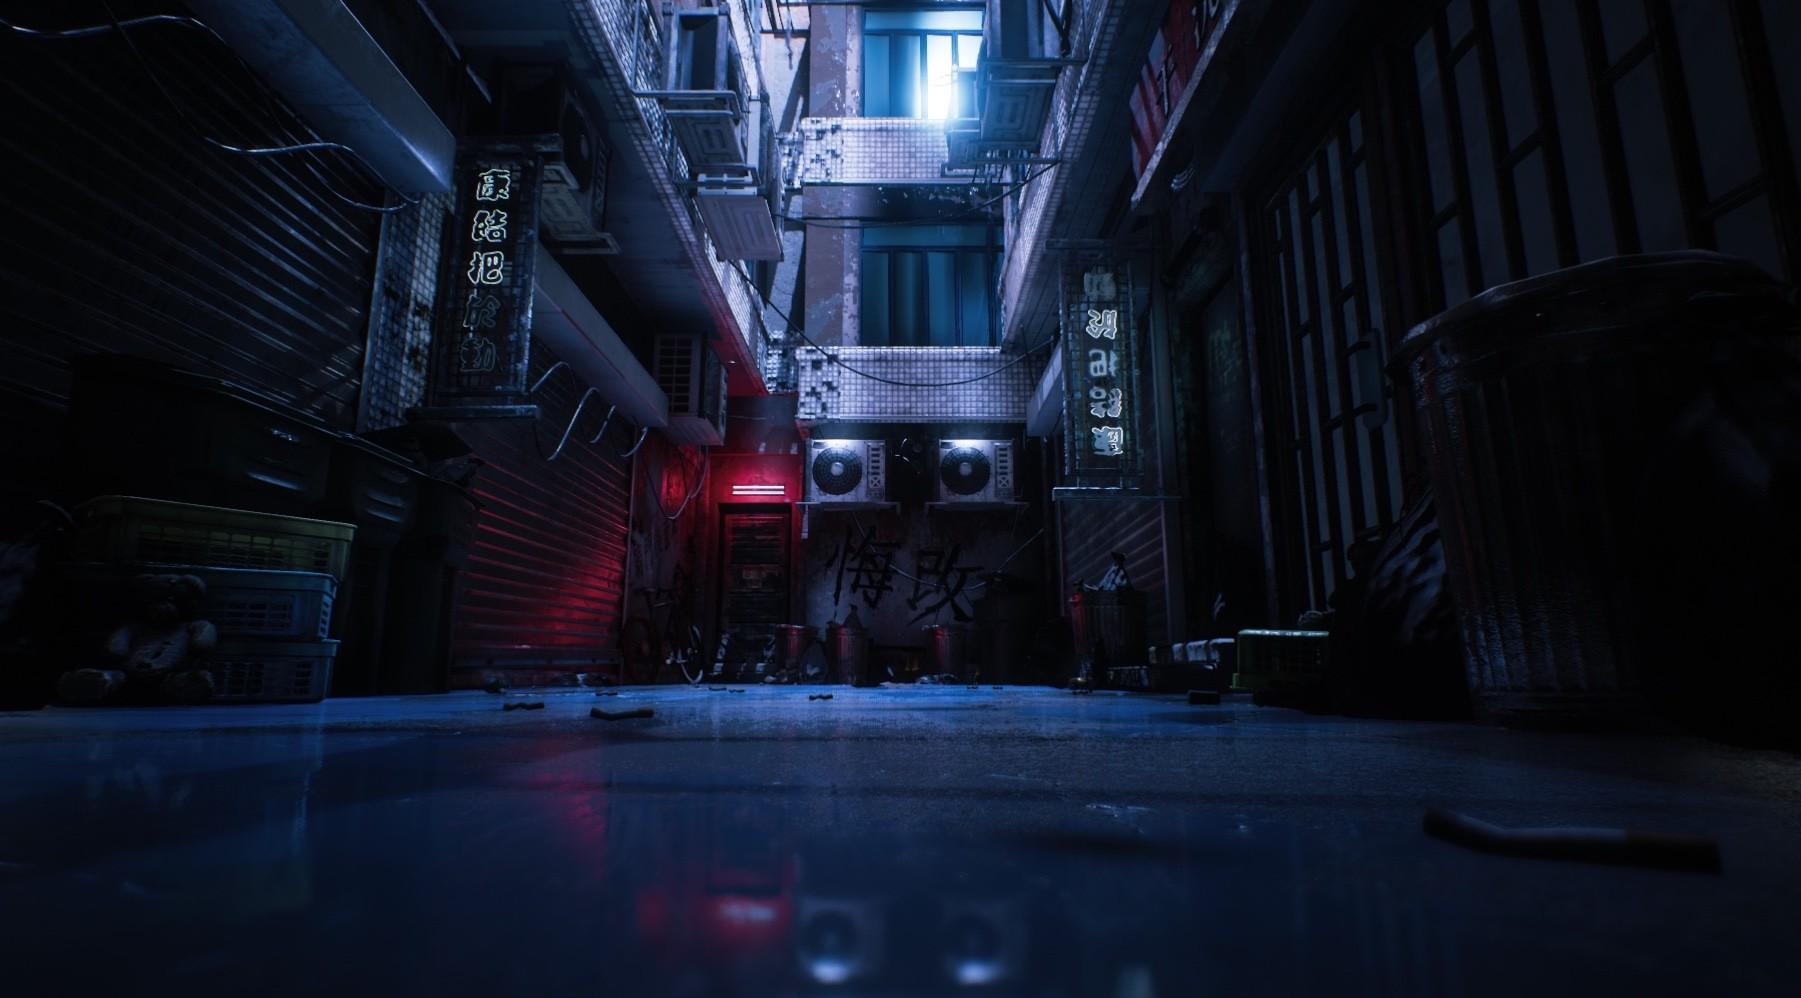 shawn-booth-alley.jpg